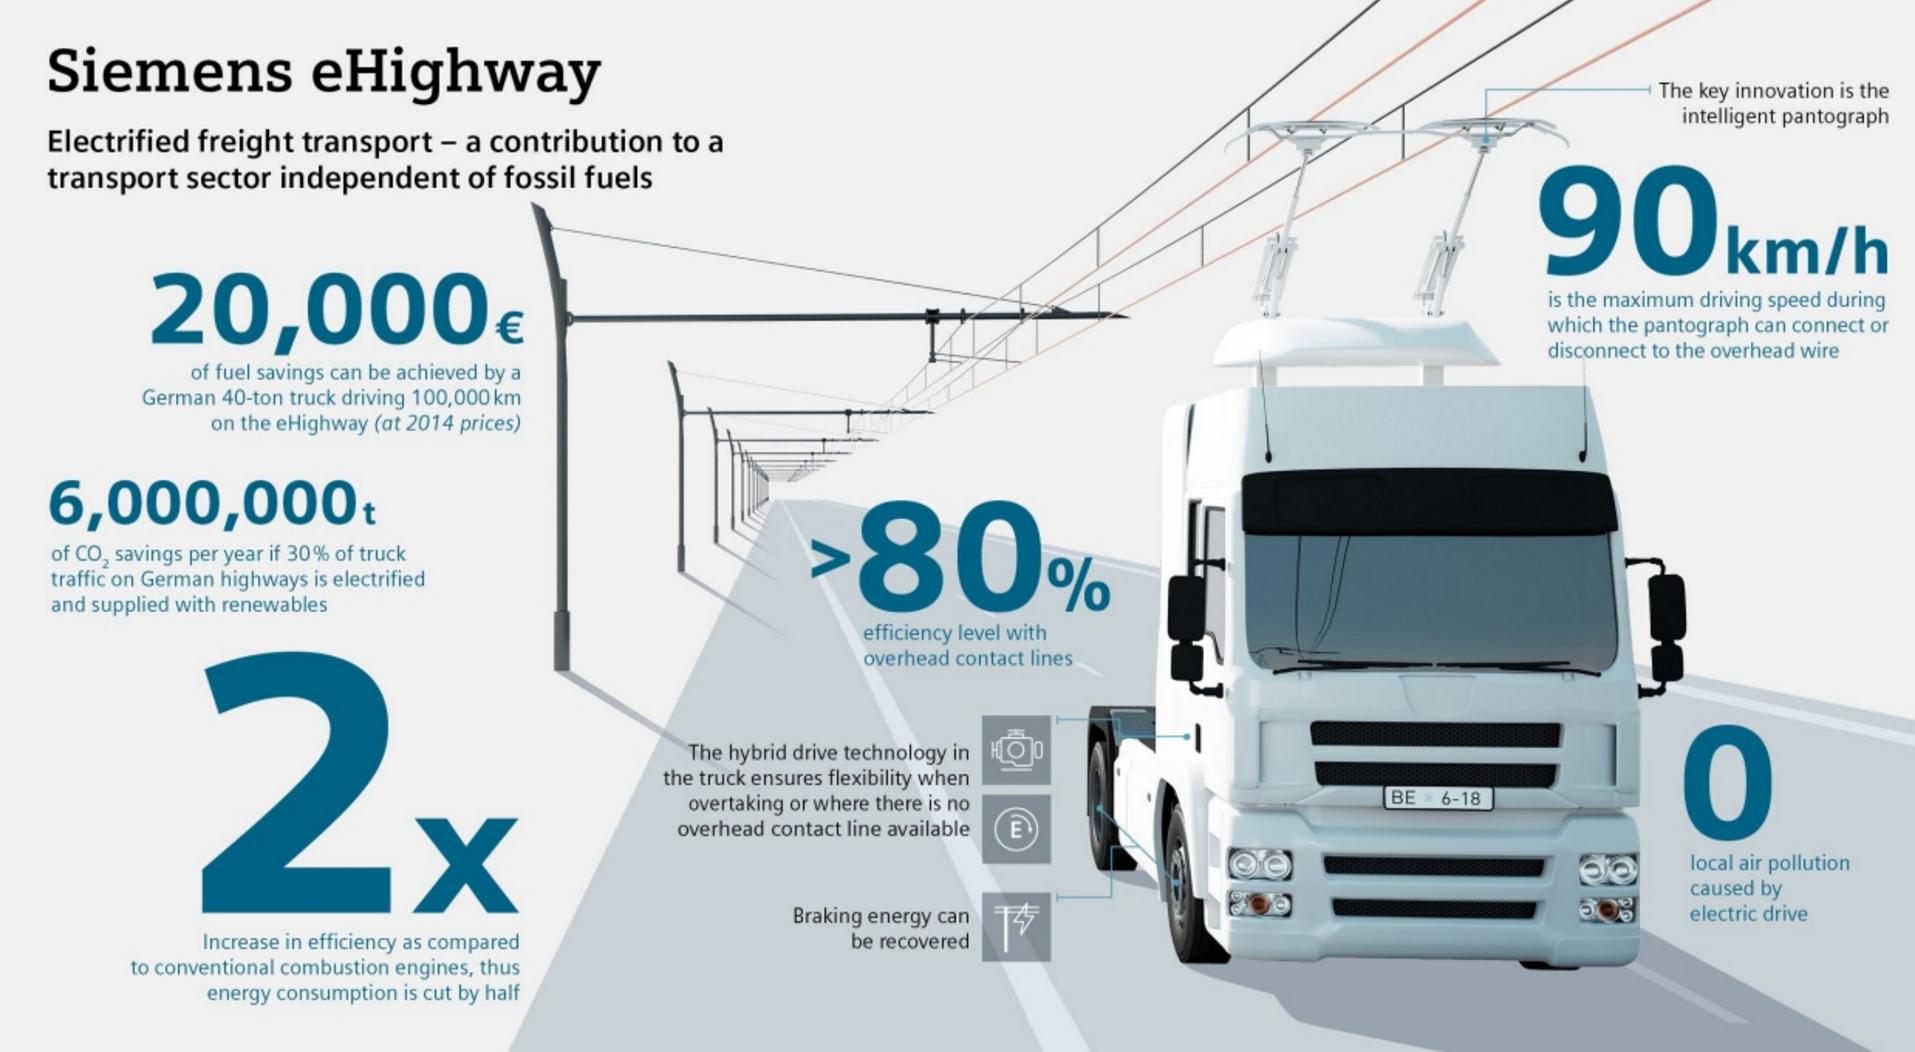 西门子电动卡车充电系统加州首测大幅降低车辆排放量 清洁能源 第3张-泥人传说